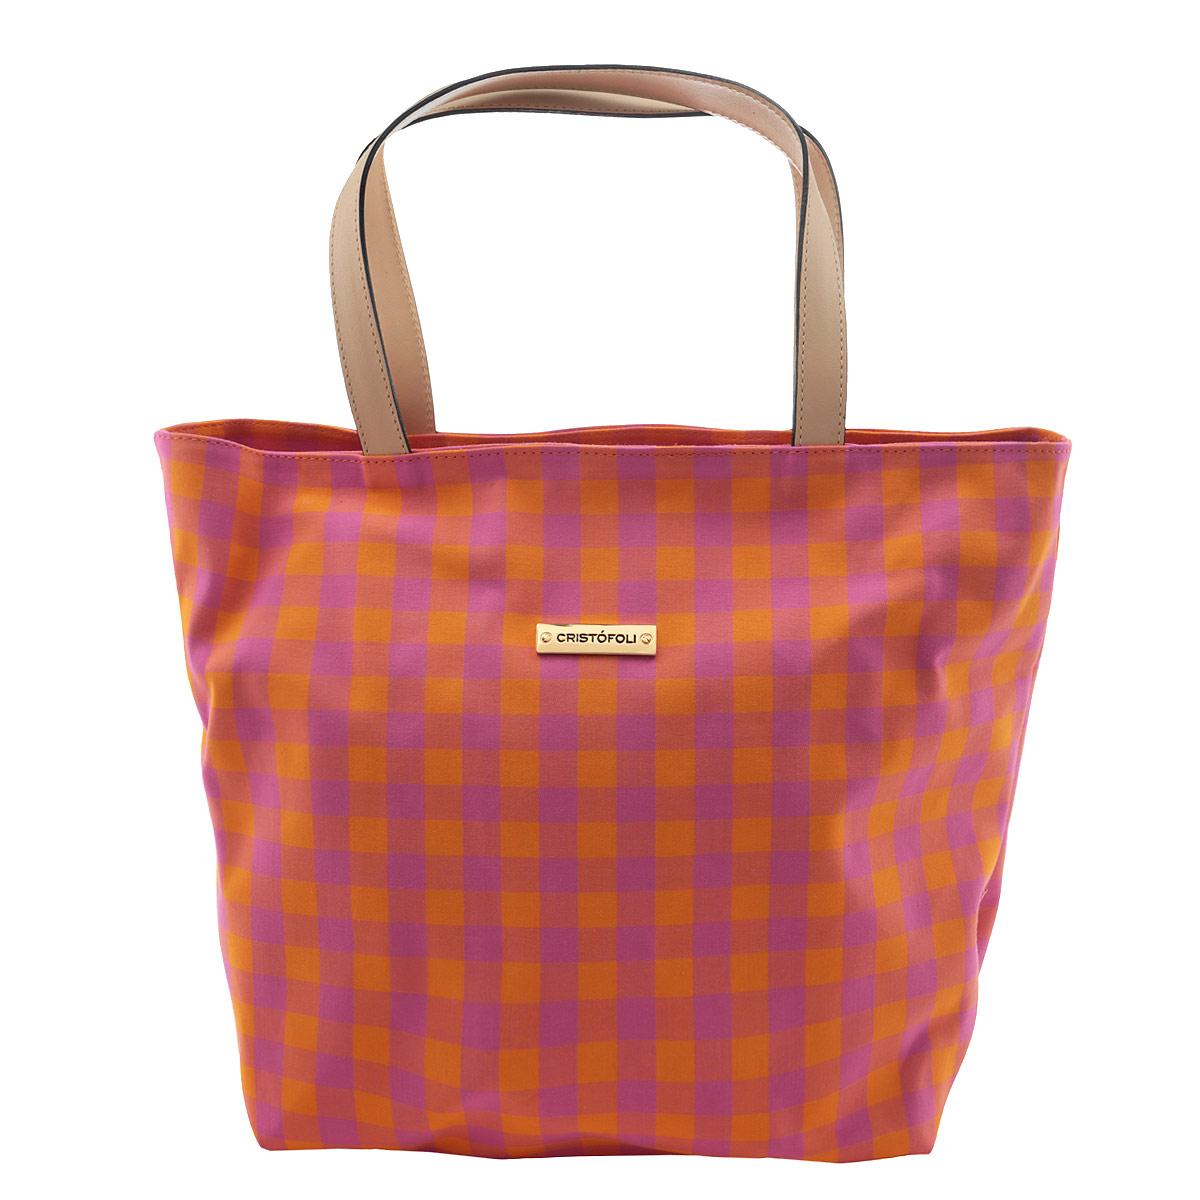 Сумка женская Cristofoli, цвет: оранжевый, розовый. 215001215001_оранжевыйИзысканная женская сумка Cristofoli выполнена из высококачественного текстиля. Сумка закрывается на металлическую застежку-молнию. Внутри - большое отделение и открытый накладной карман для мелочей. Эта оригинальная сумка внесет элегантные нотки в ваш образ и подчеркнет ваше отменное чувство стиля.